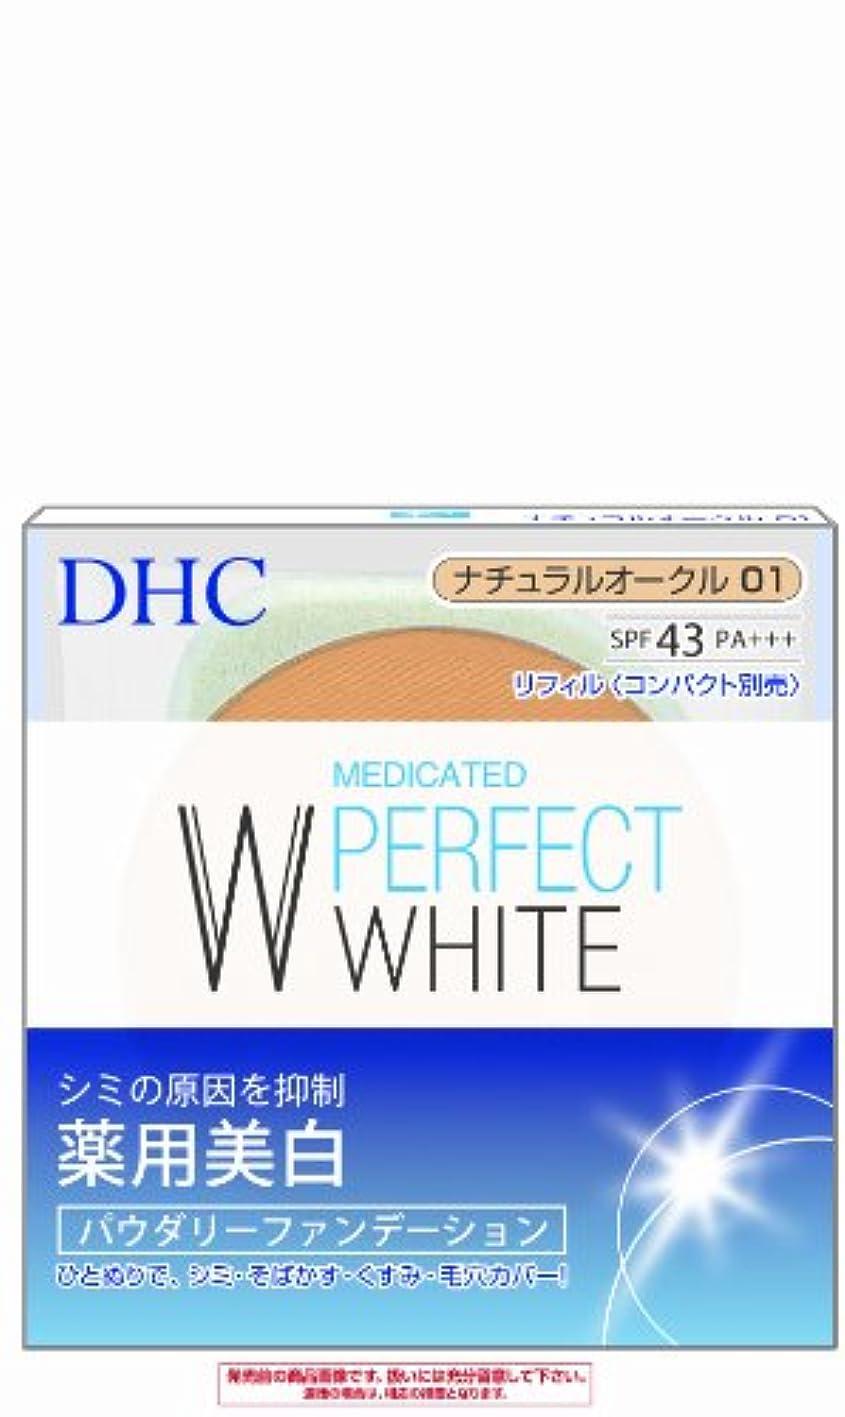 ペチコート腸ラグDHC薬用PWパウダリーファンデNO01 10g